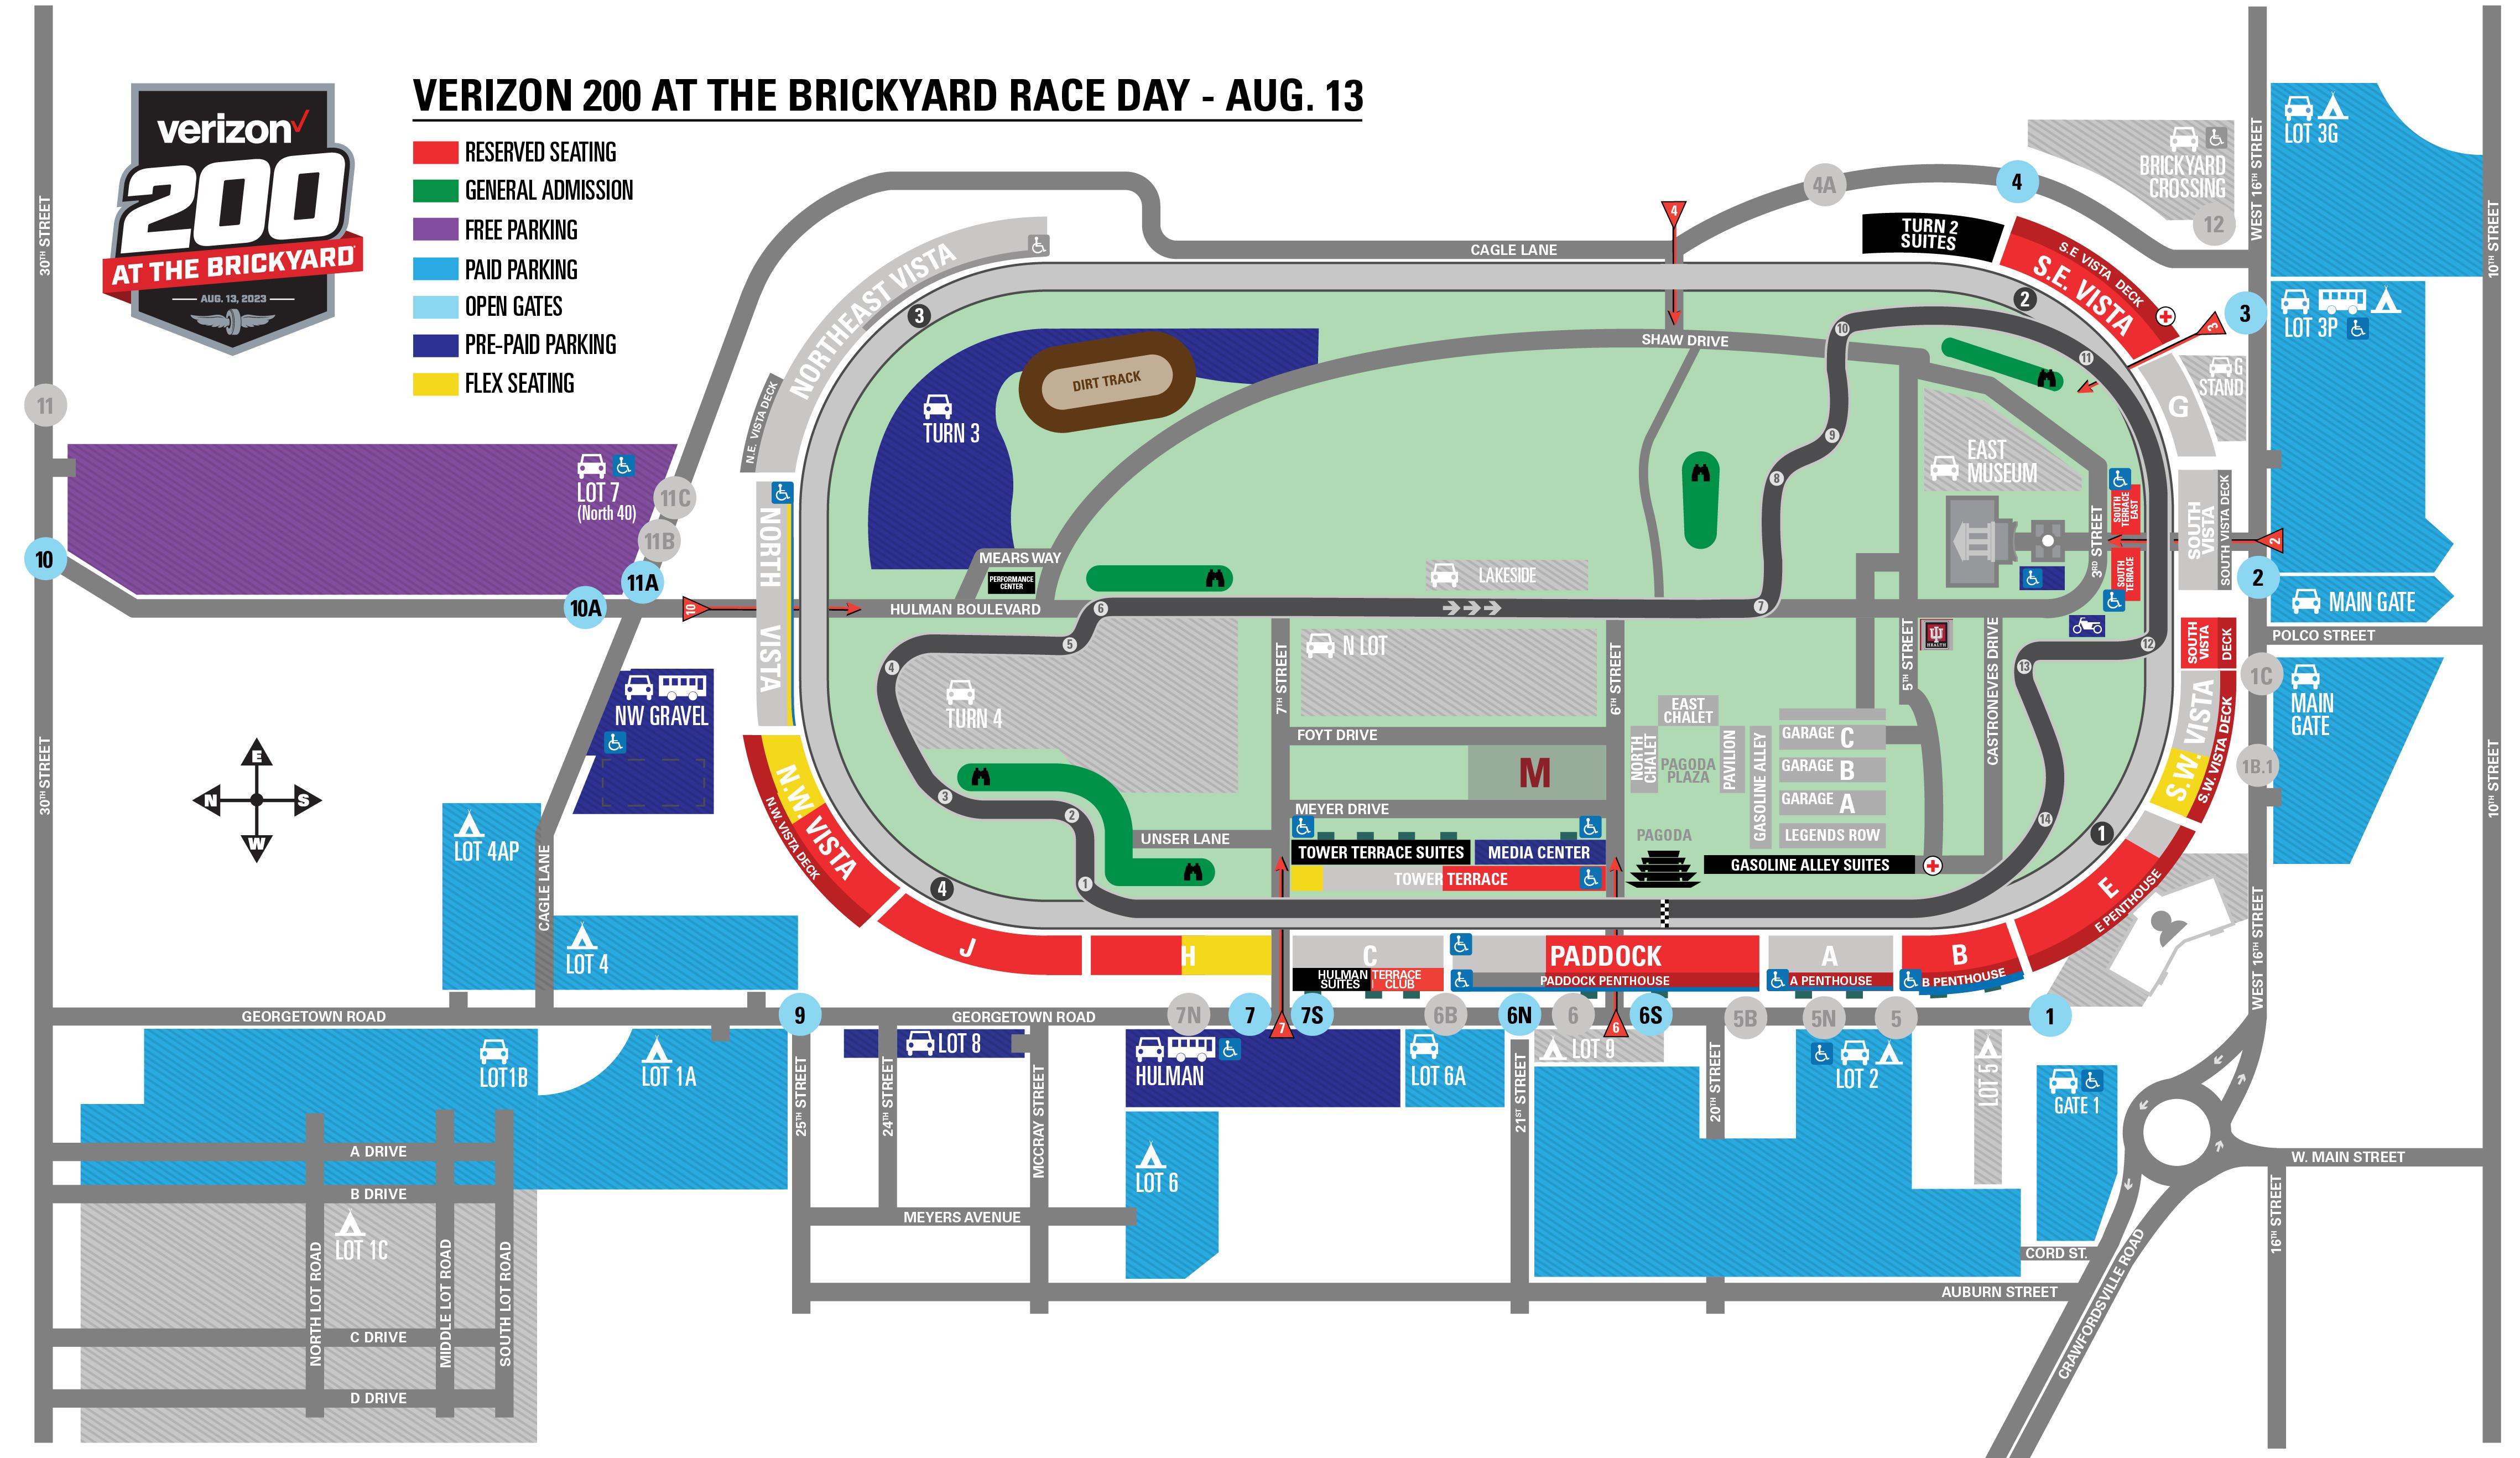 Verizon 200 Race Day